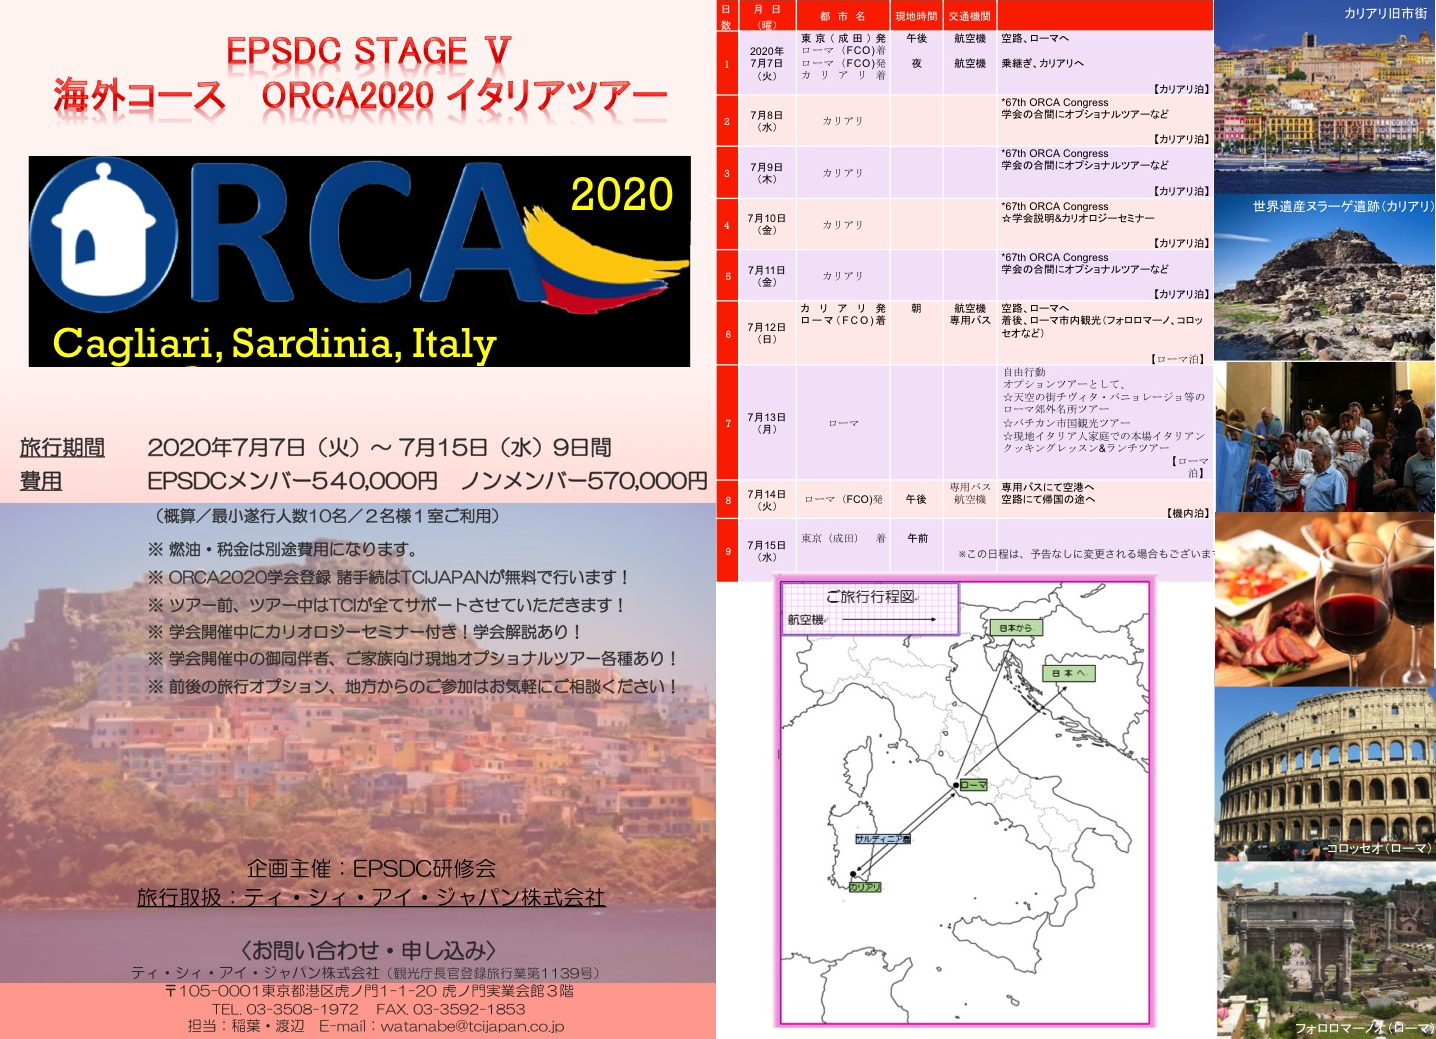 EPSDC Stage V 海外コース ORCA2020 イタリアツアー